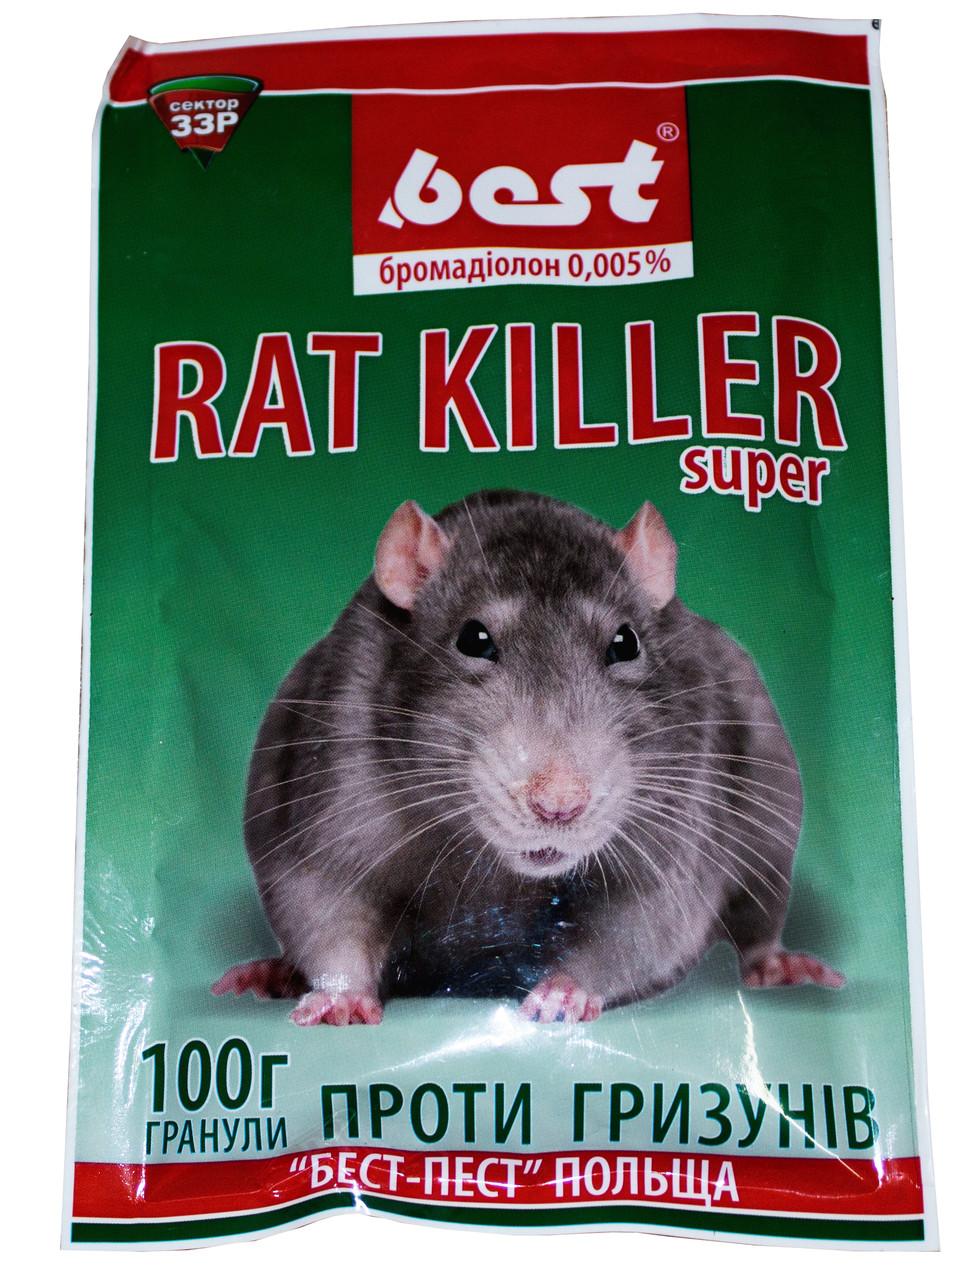 Родентицид Rat Killer (Рат Киллер), 100 г — гранулы от крыс, мышей, грызунов. Приманка готова к применению